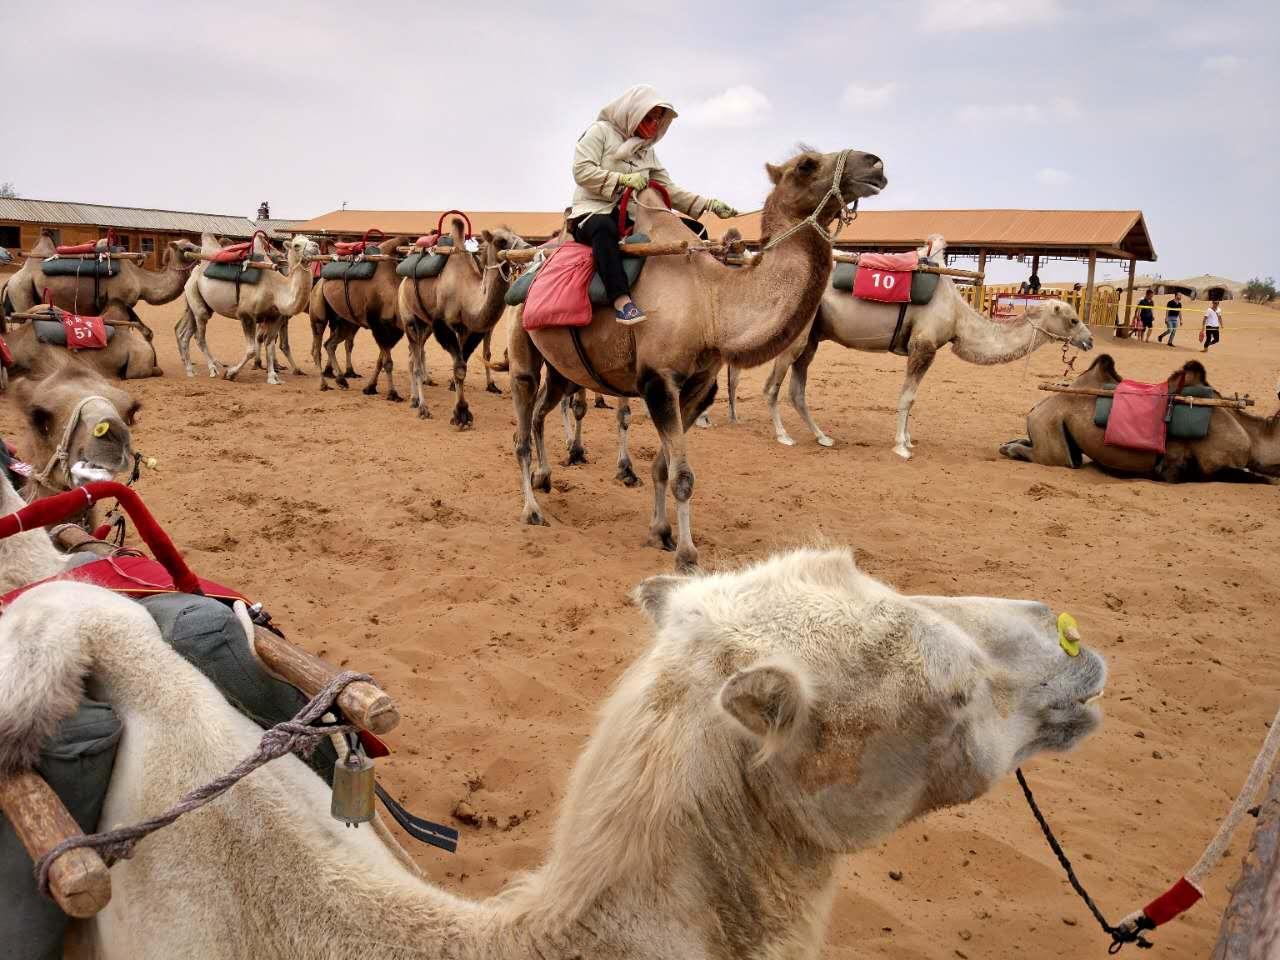 沙漠景区骆驼等待的命运:上苍安排的有点苦